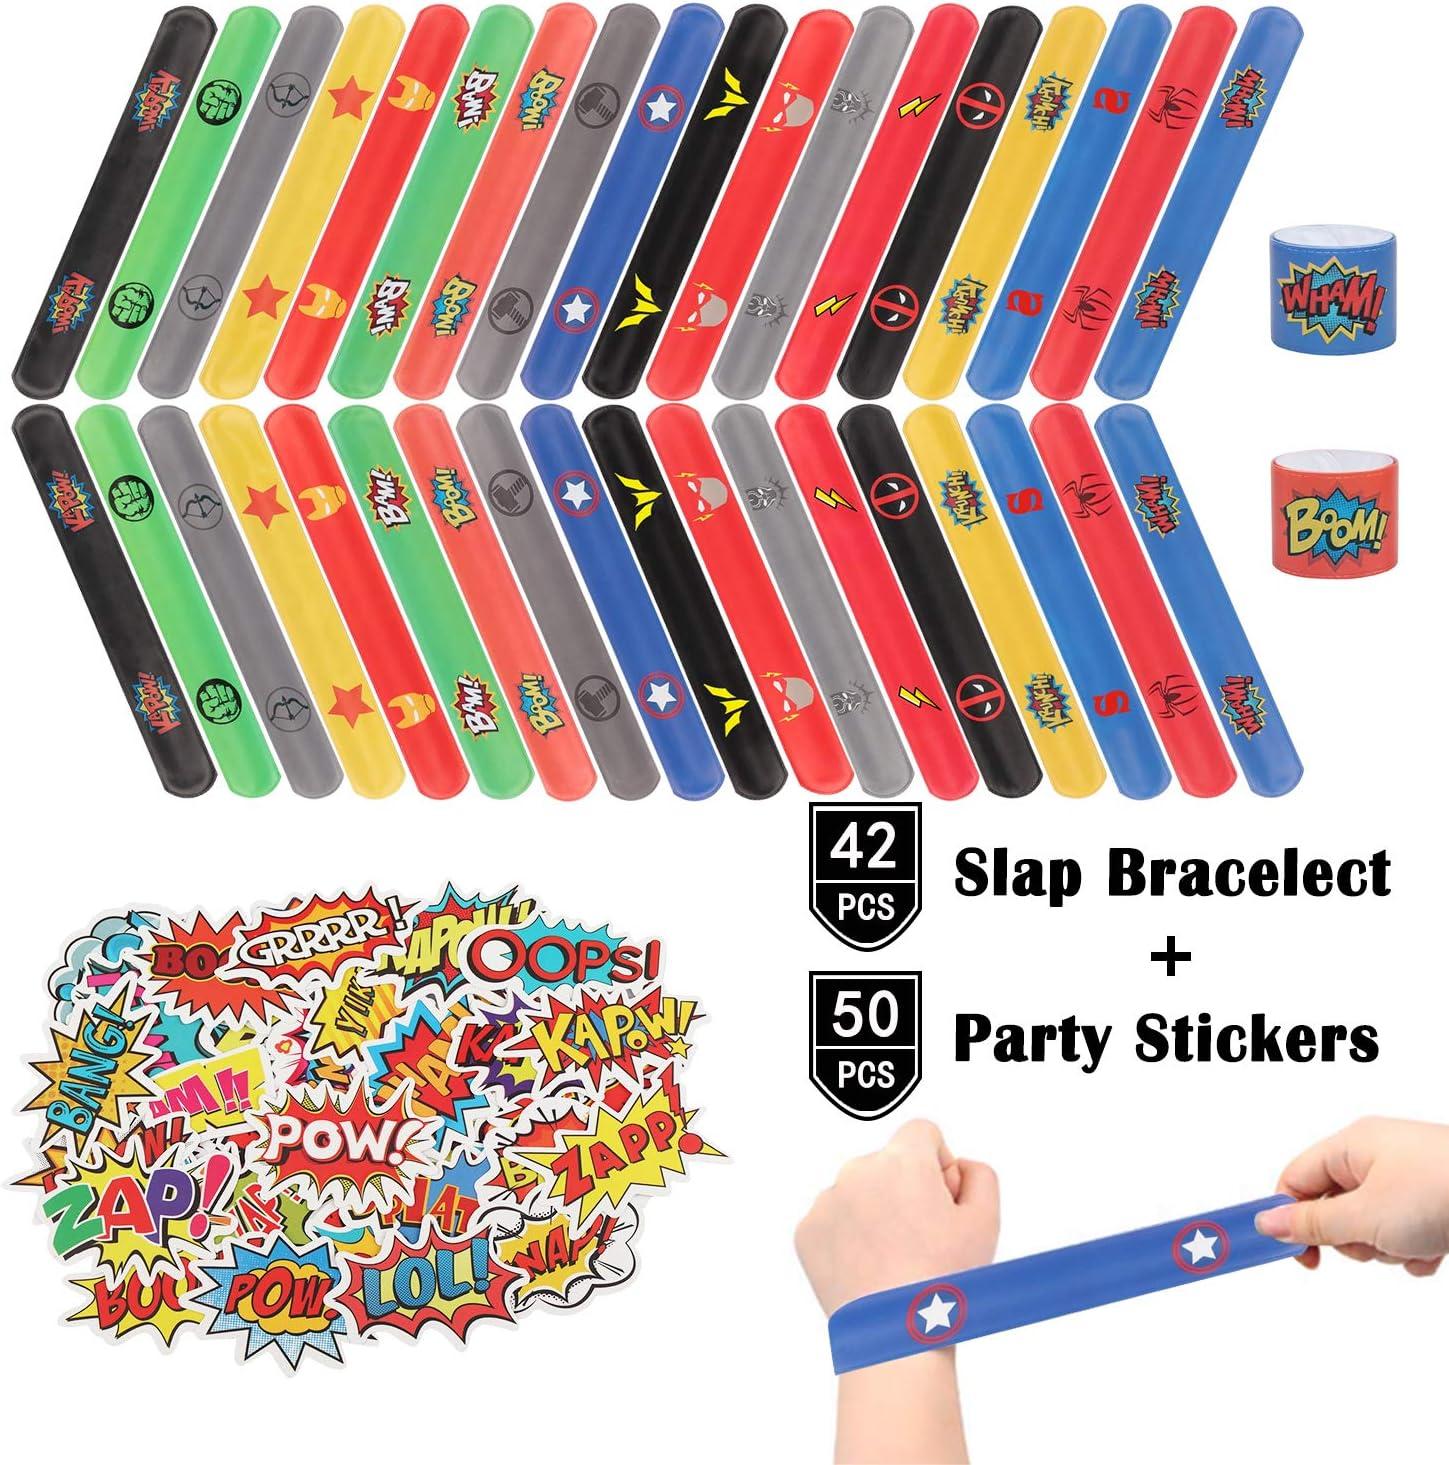 HXDZFX Superhero Slap Pulseras – 42 piezas The Avengers Slap pulsera para niños – Los Vengadores fiesta de cumpleaños suministros Favors – Cartoon Superhero Party Stickers(50 unidades): Amazon.es: Juguetes y juegos